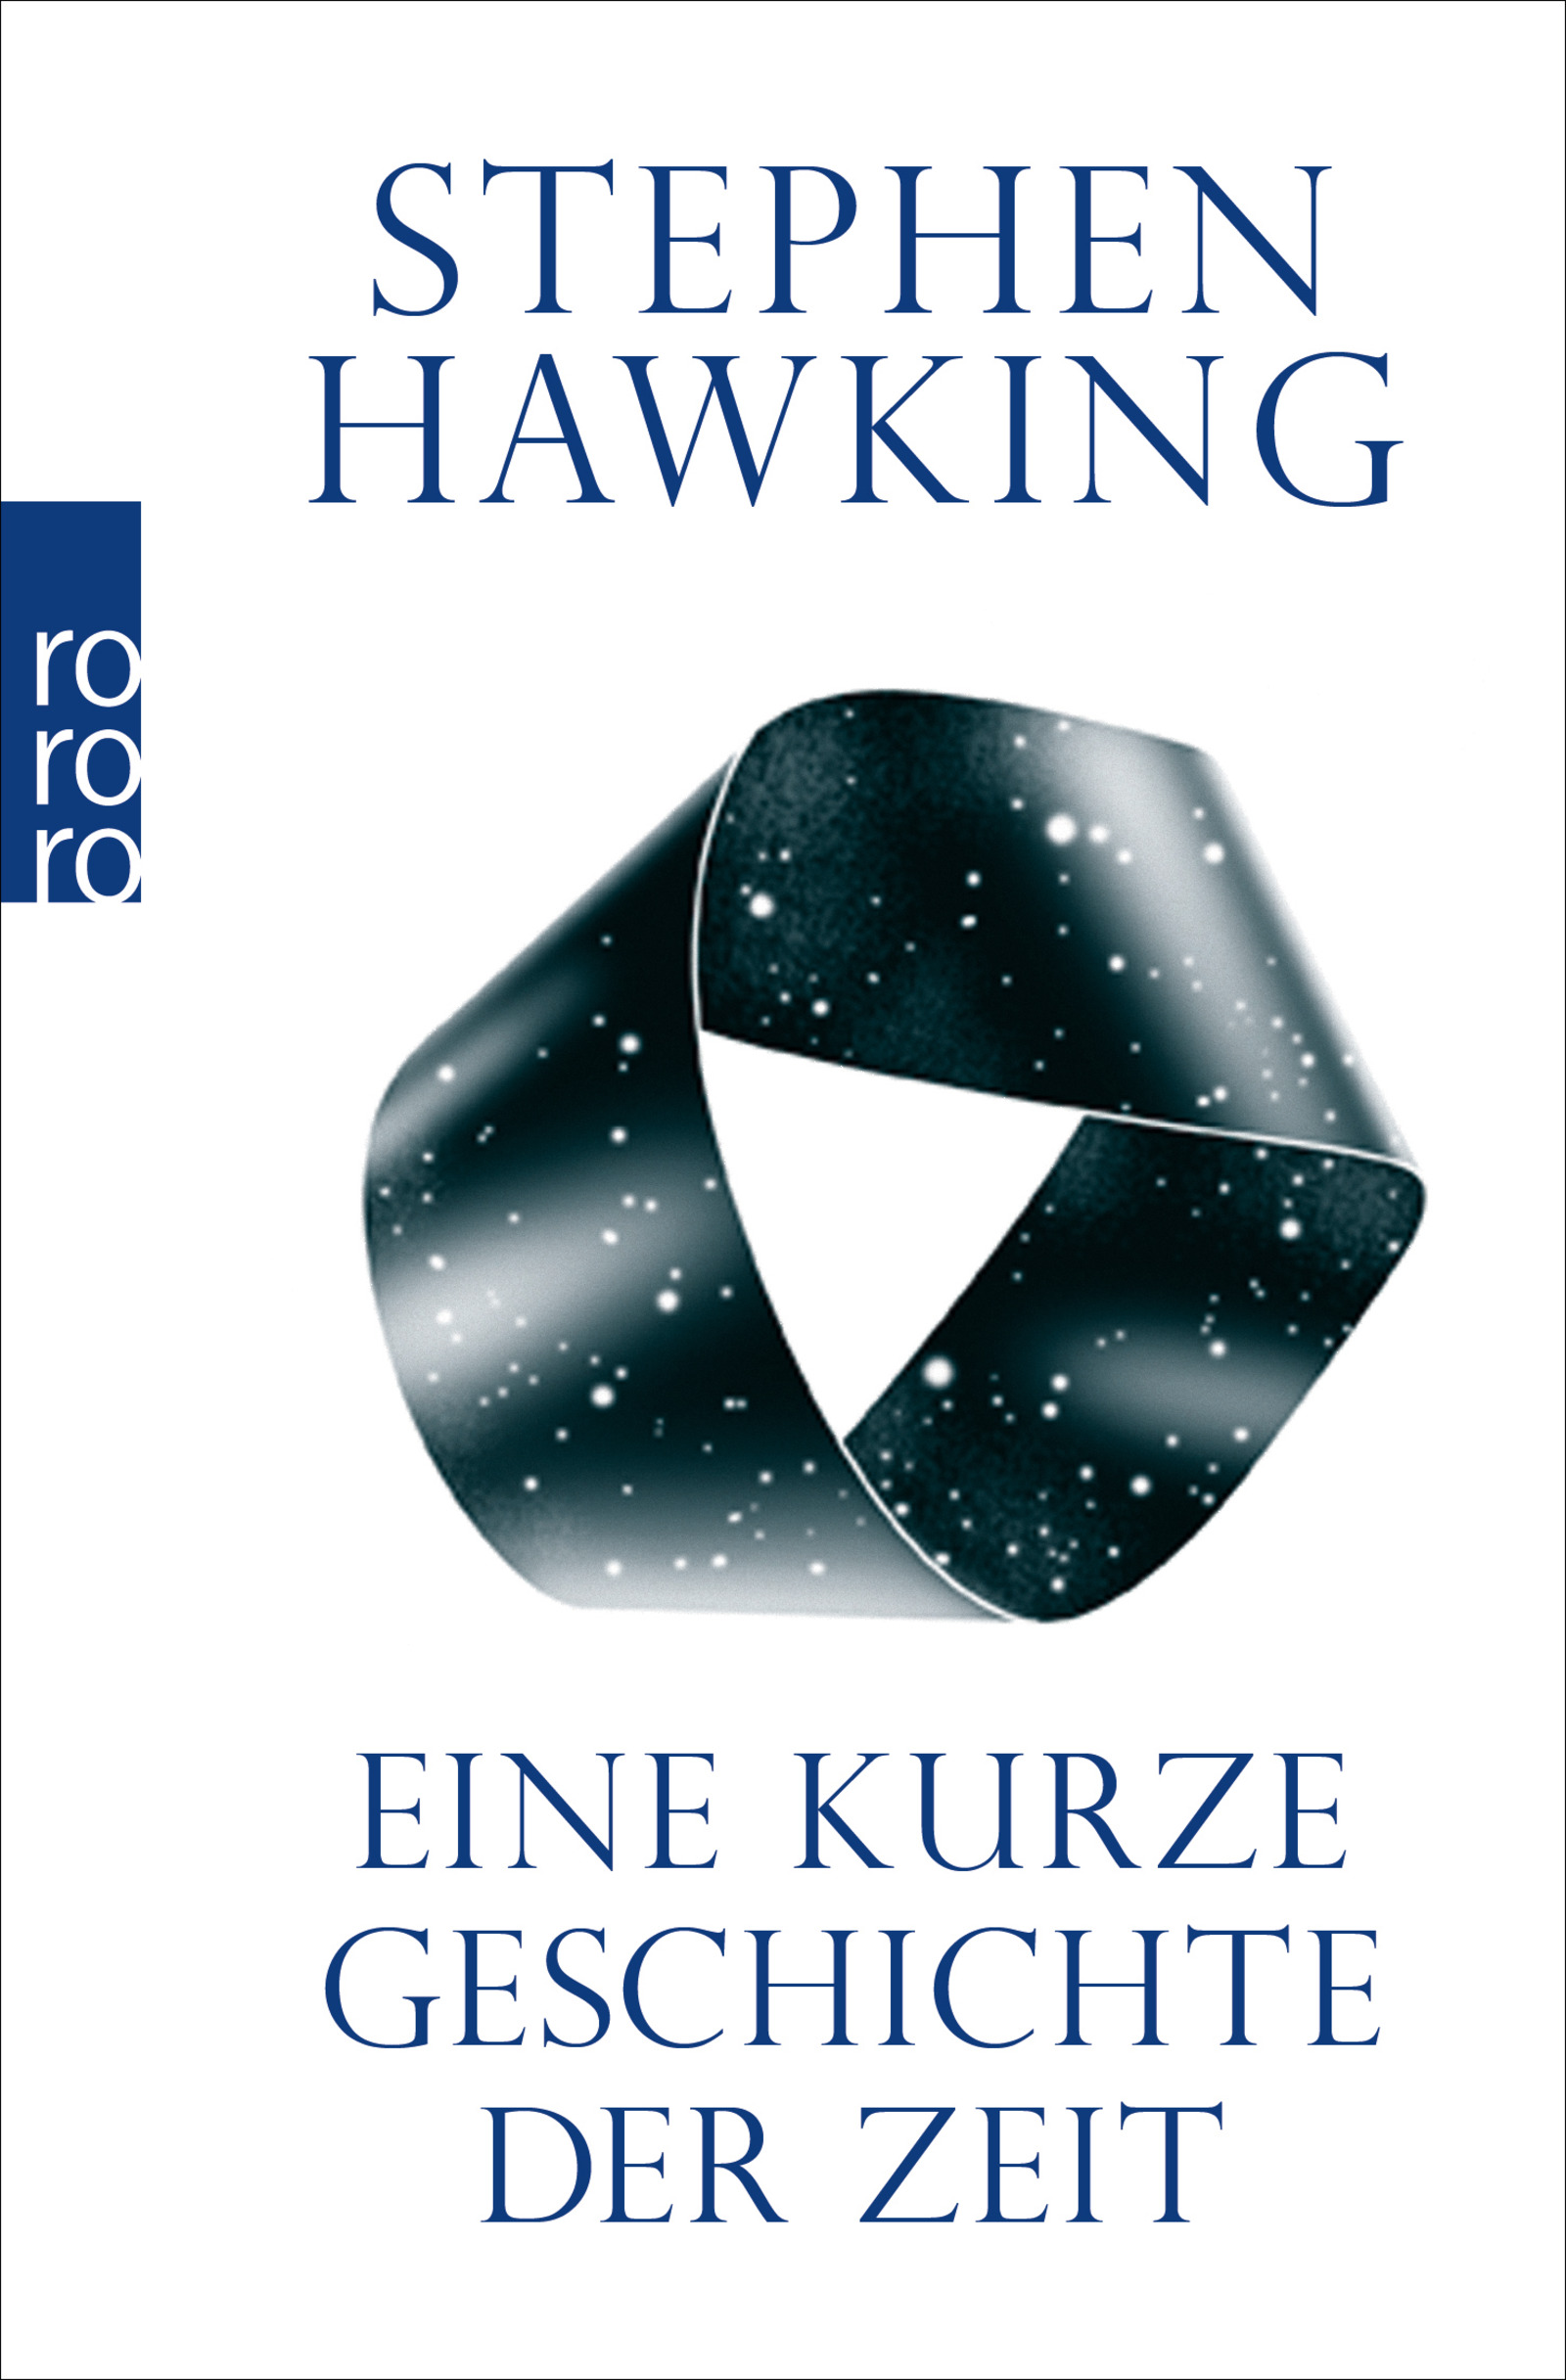 """""""Eine kurze Geschichte der Zeit"""" vermittelt Wissen über Kosmologie auf leicht verständliche Weise"""